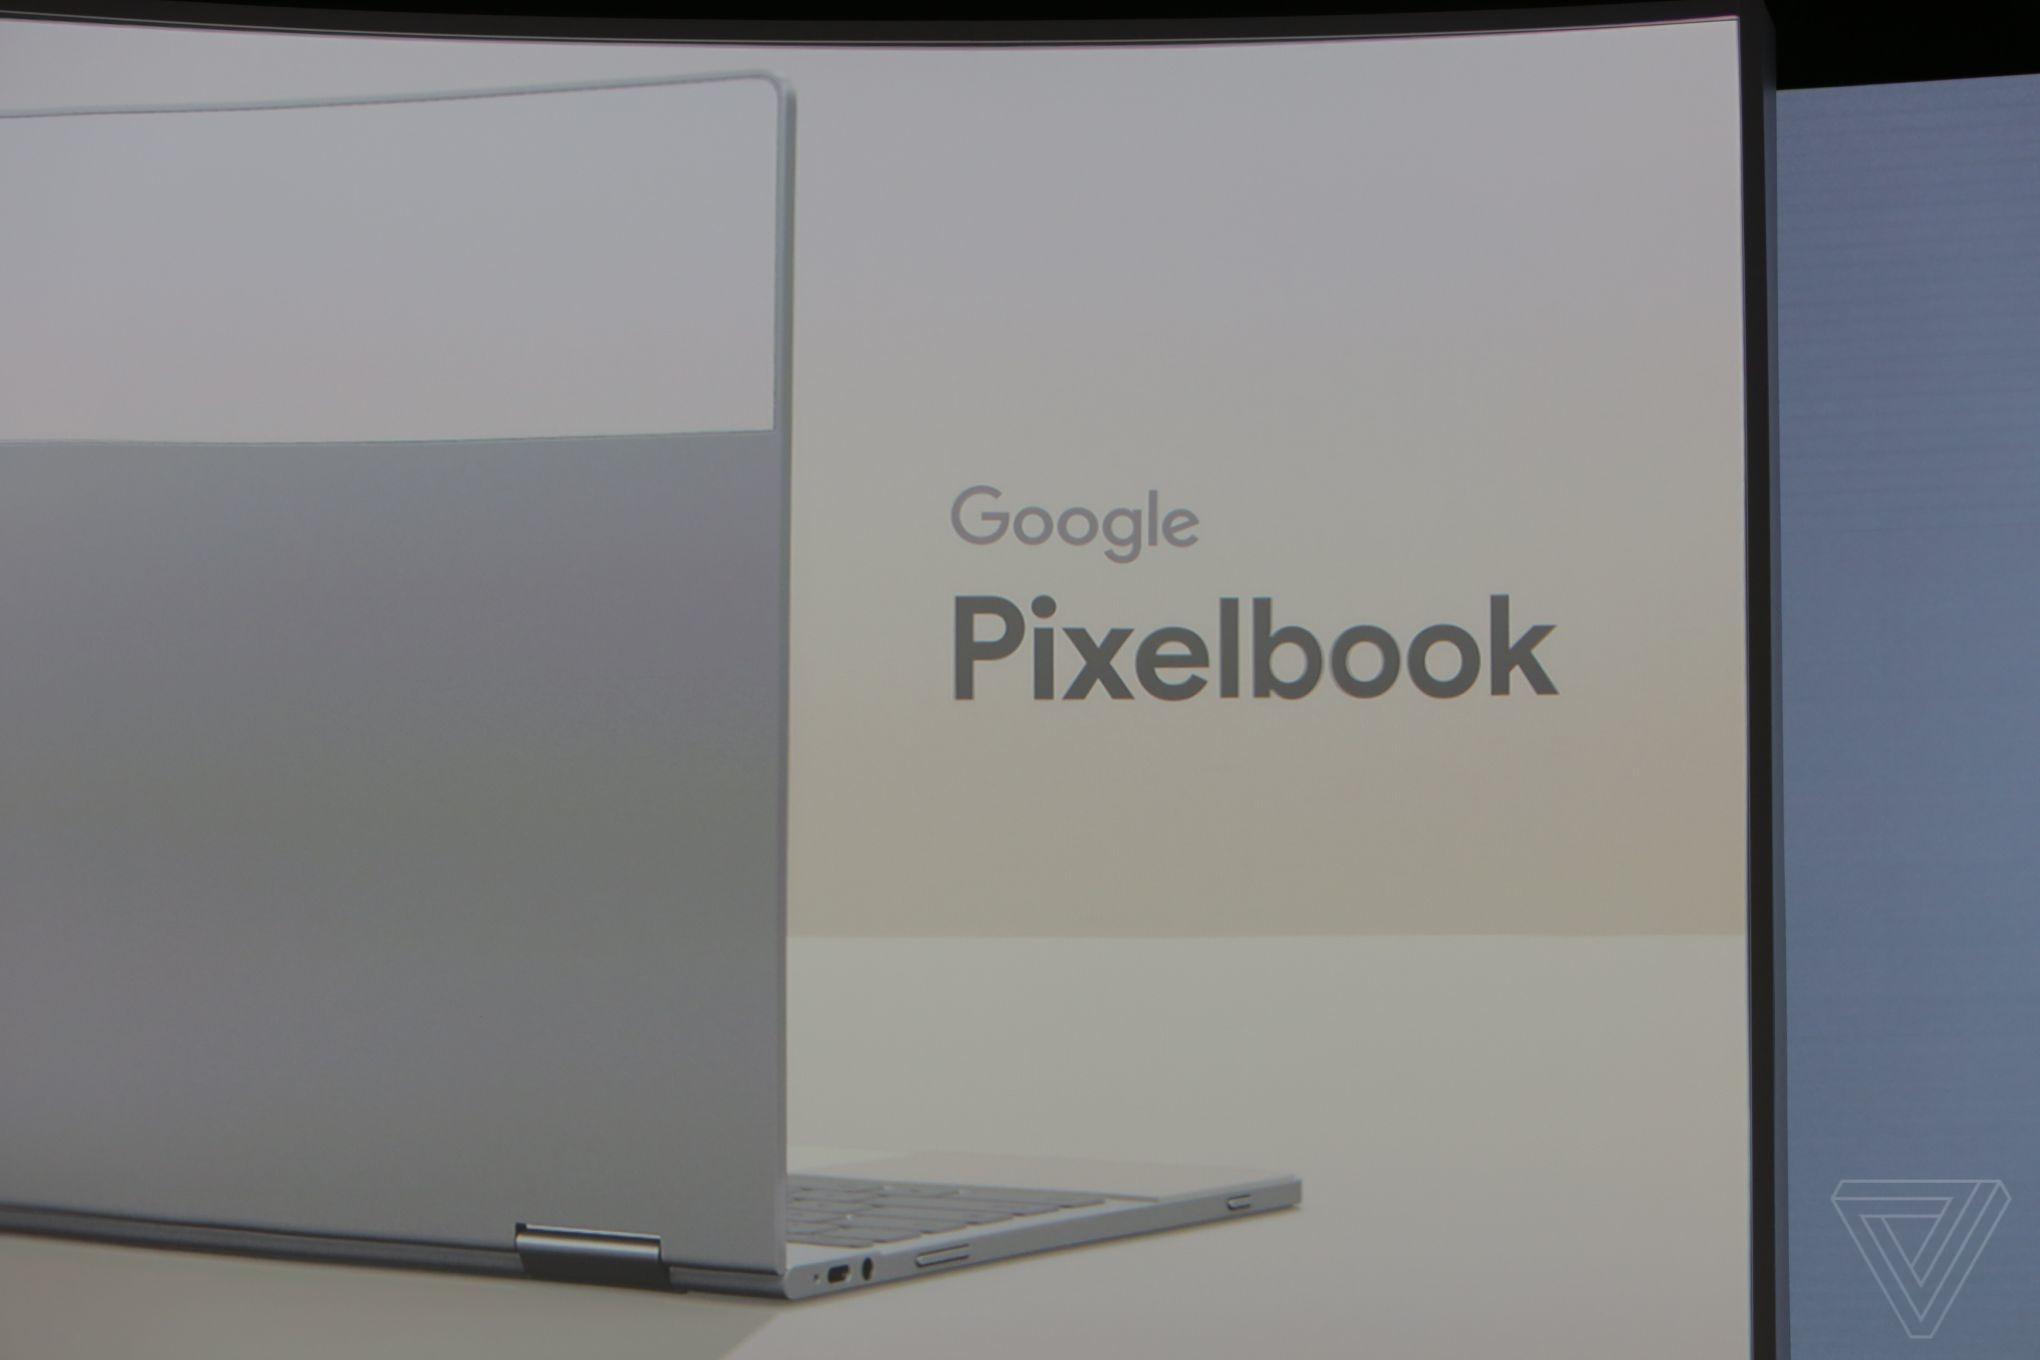 برگزیده تصویری مراسم رونمایی از لپتاپ گوگل پیکسل بوک با قلم دیجیتال